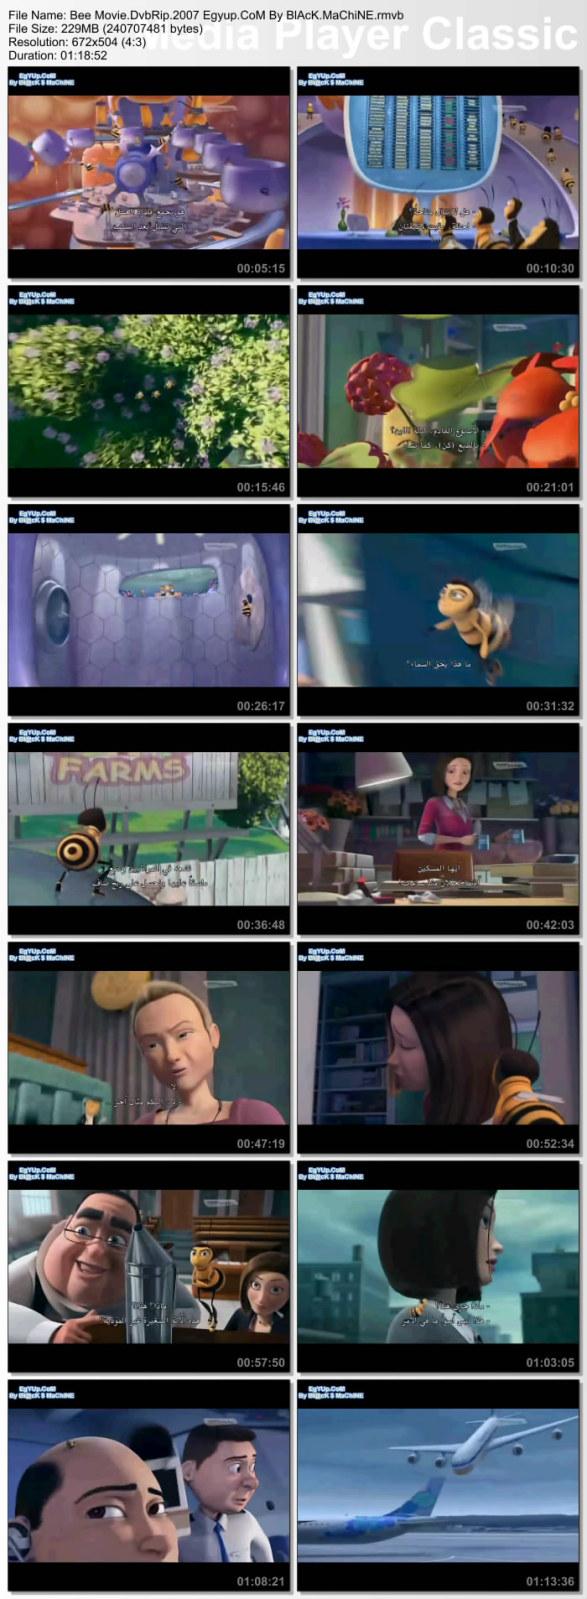 حصريا وكرتون الكوميديا Bee Movie 2007 بمساحة :: 229 ميجا مترجم نسخة DvdRip وعلى روابط مباشرة Ouuou10